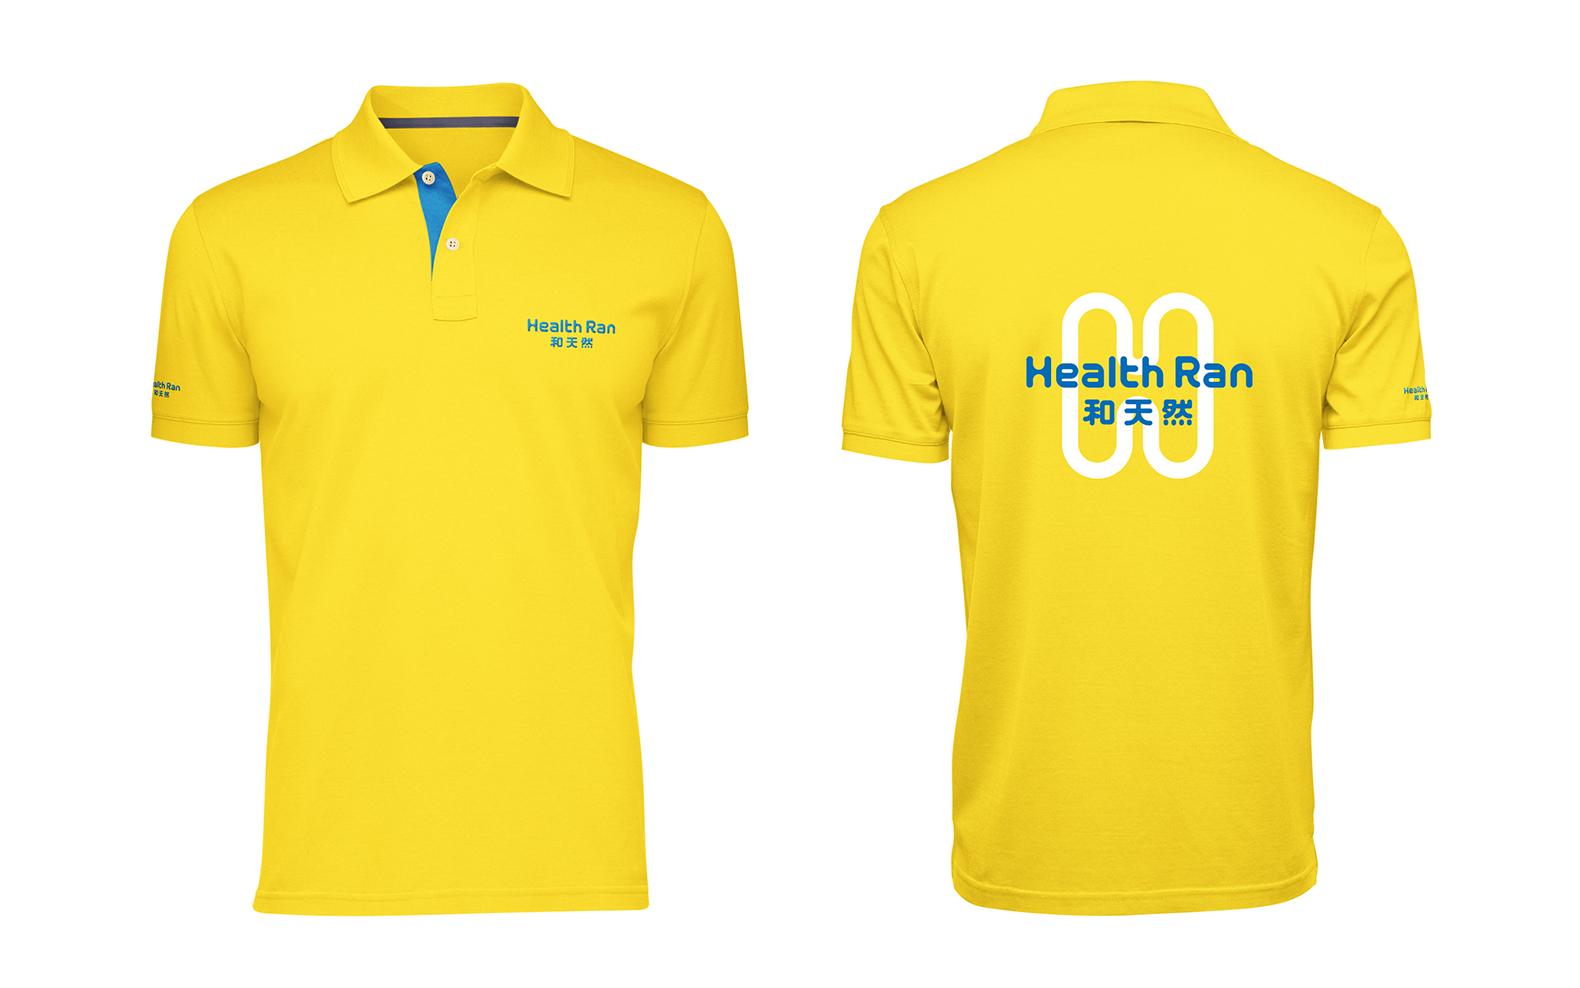 healthran_11